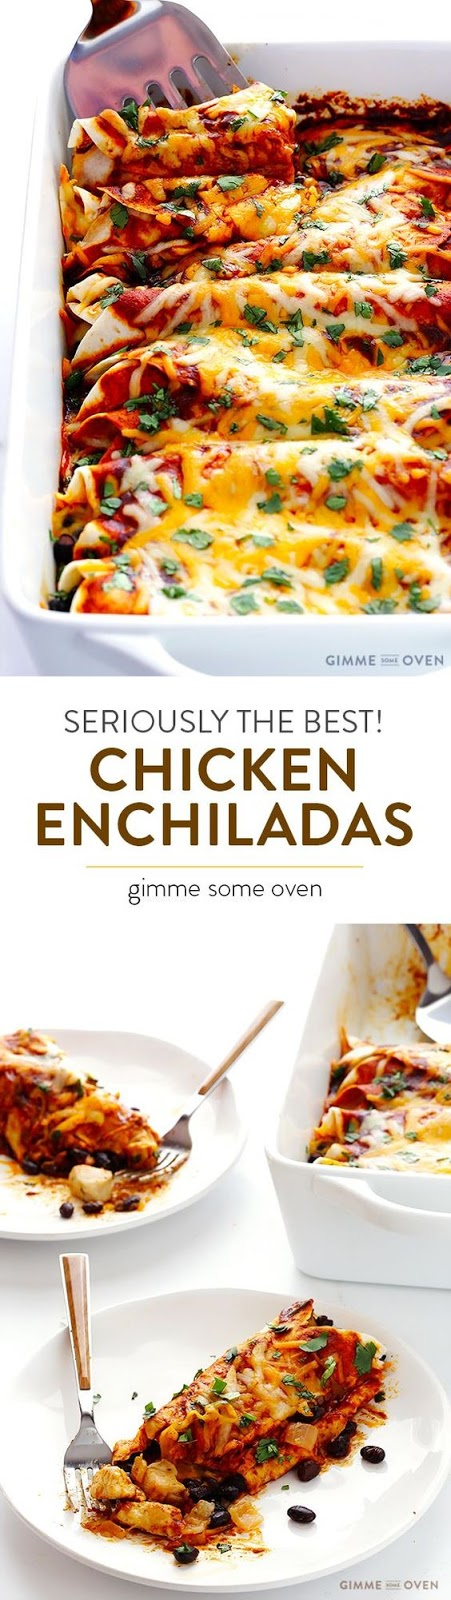 BEST CHICKEN ENCHILADAS EVER!